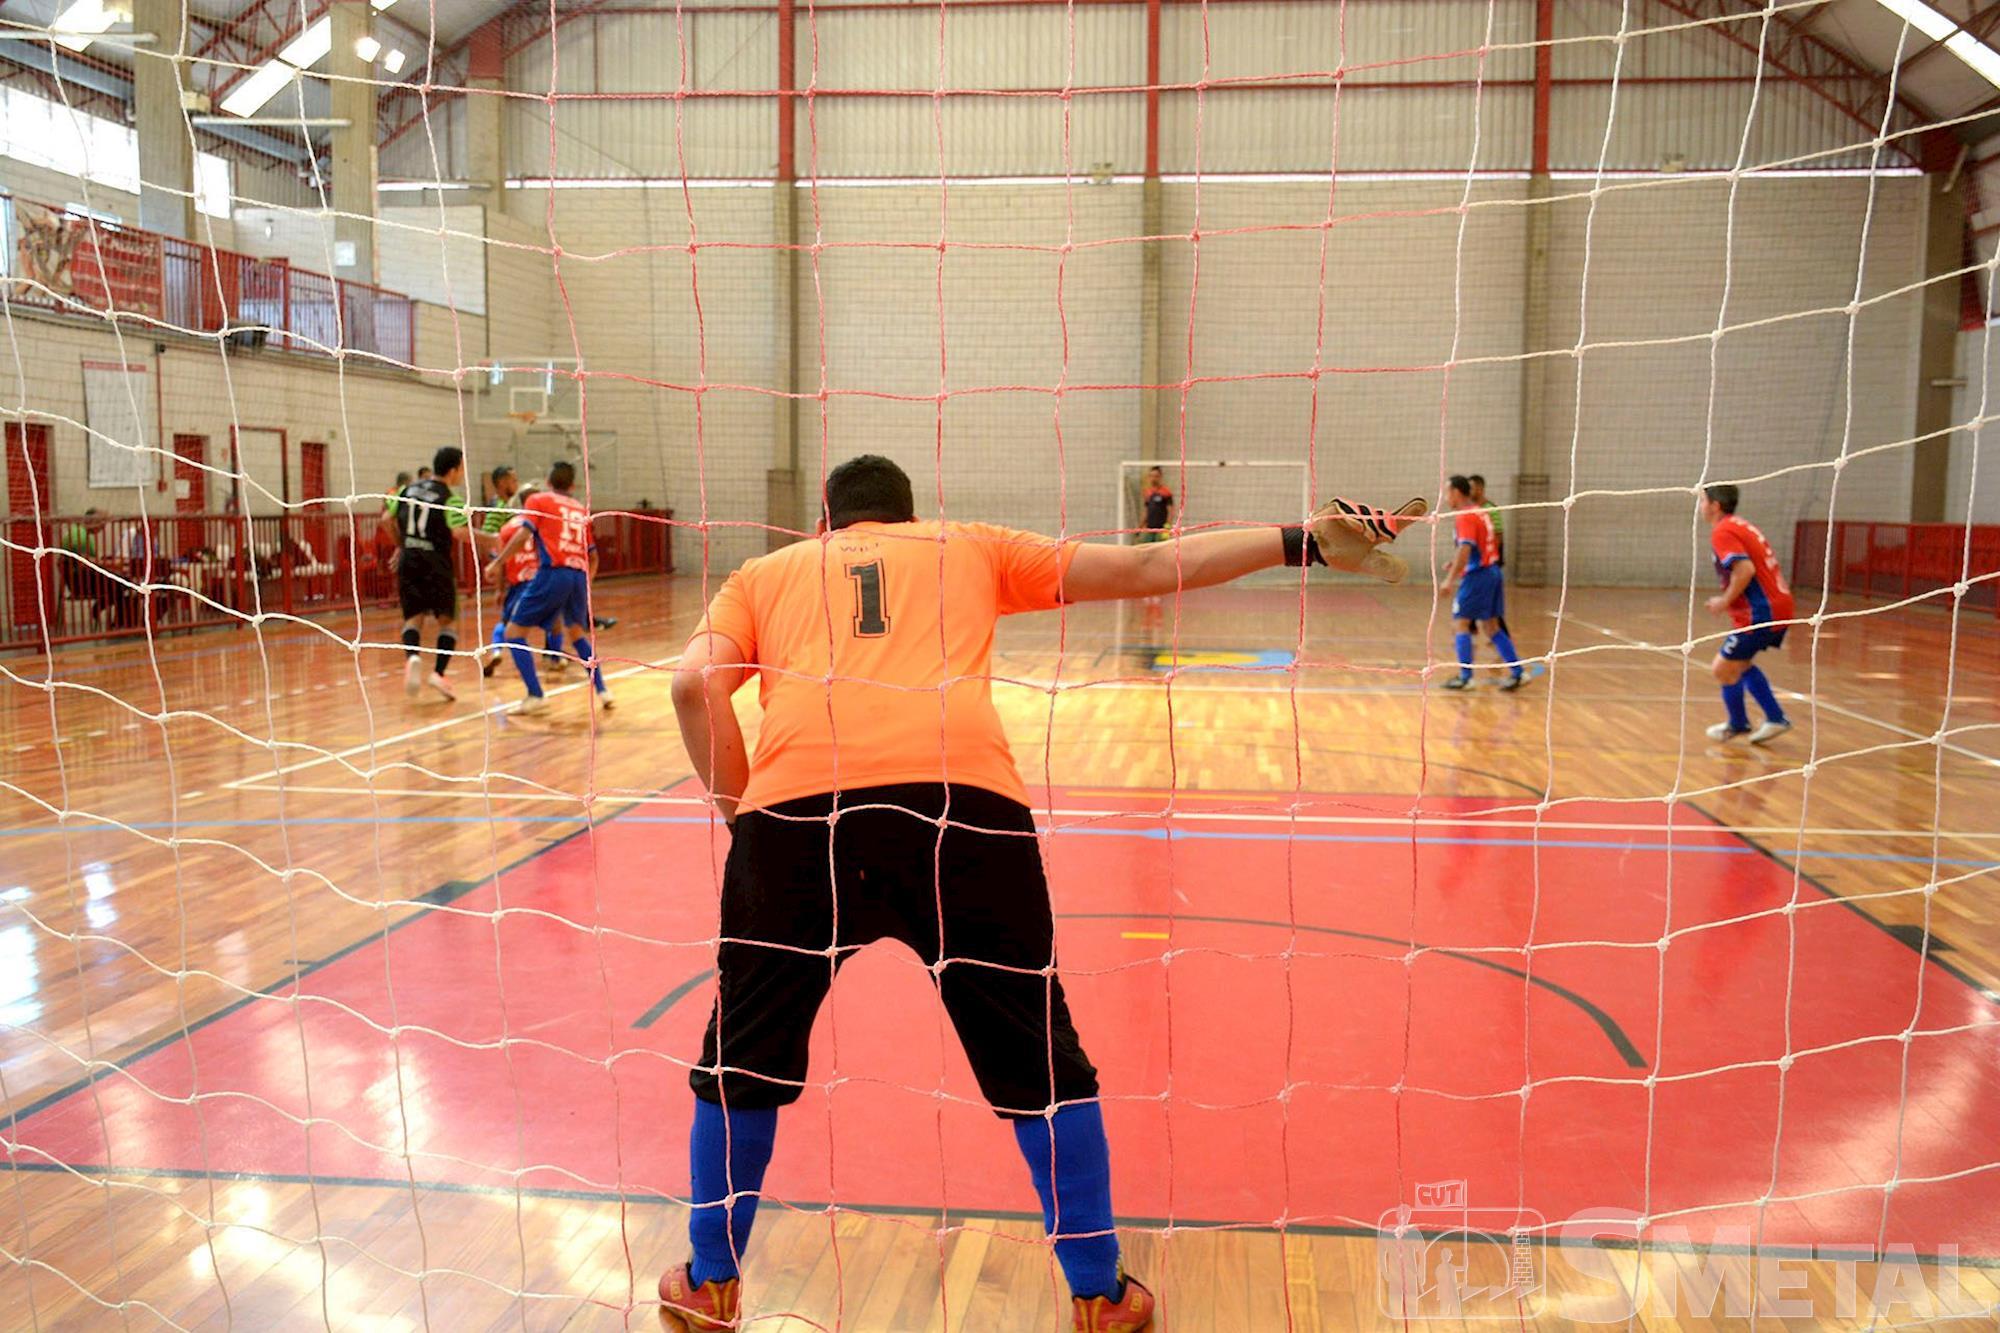 Fotos da terceira rodada da Taça Papagaio de Futsal 2019, futsal,  smetal,  rodada,  sindicato,  papagaio, Foguinho/Imprensa SMetal, Veja como foi a terceira rodada da Taça Papagaio e os próximos jogos